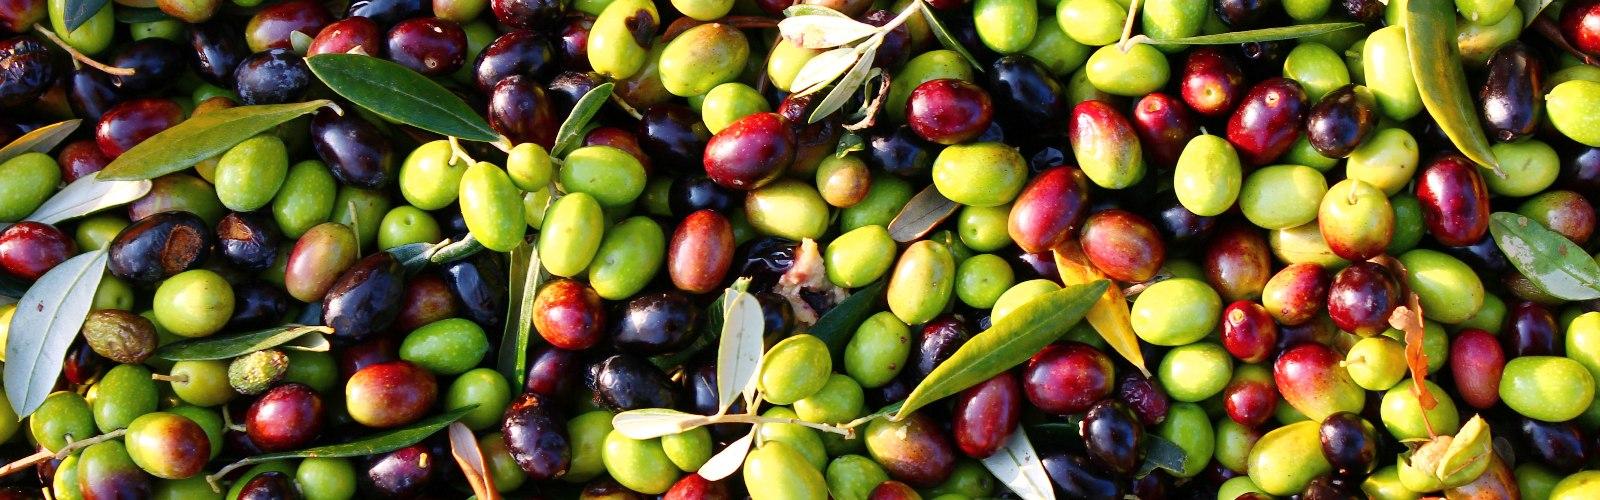 hurvested-olives-min